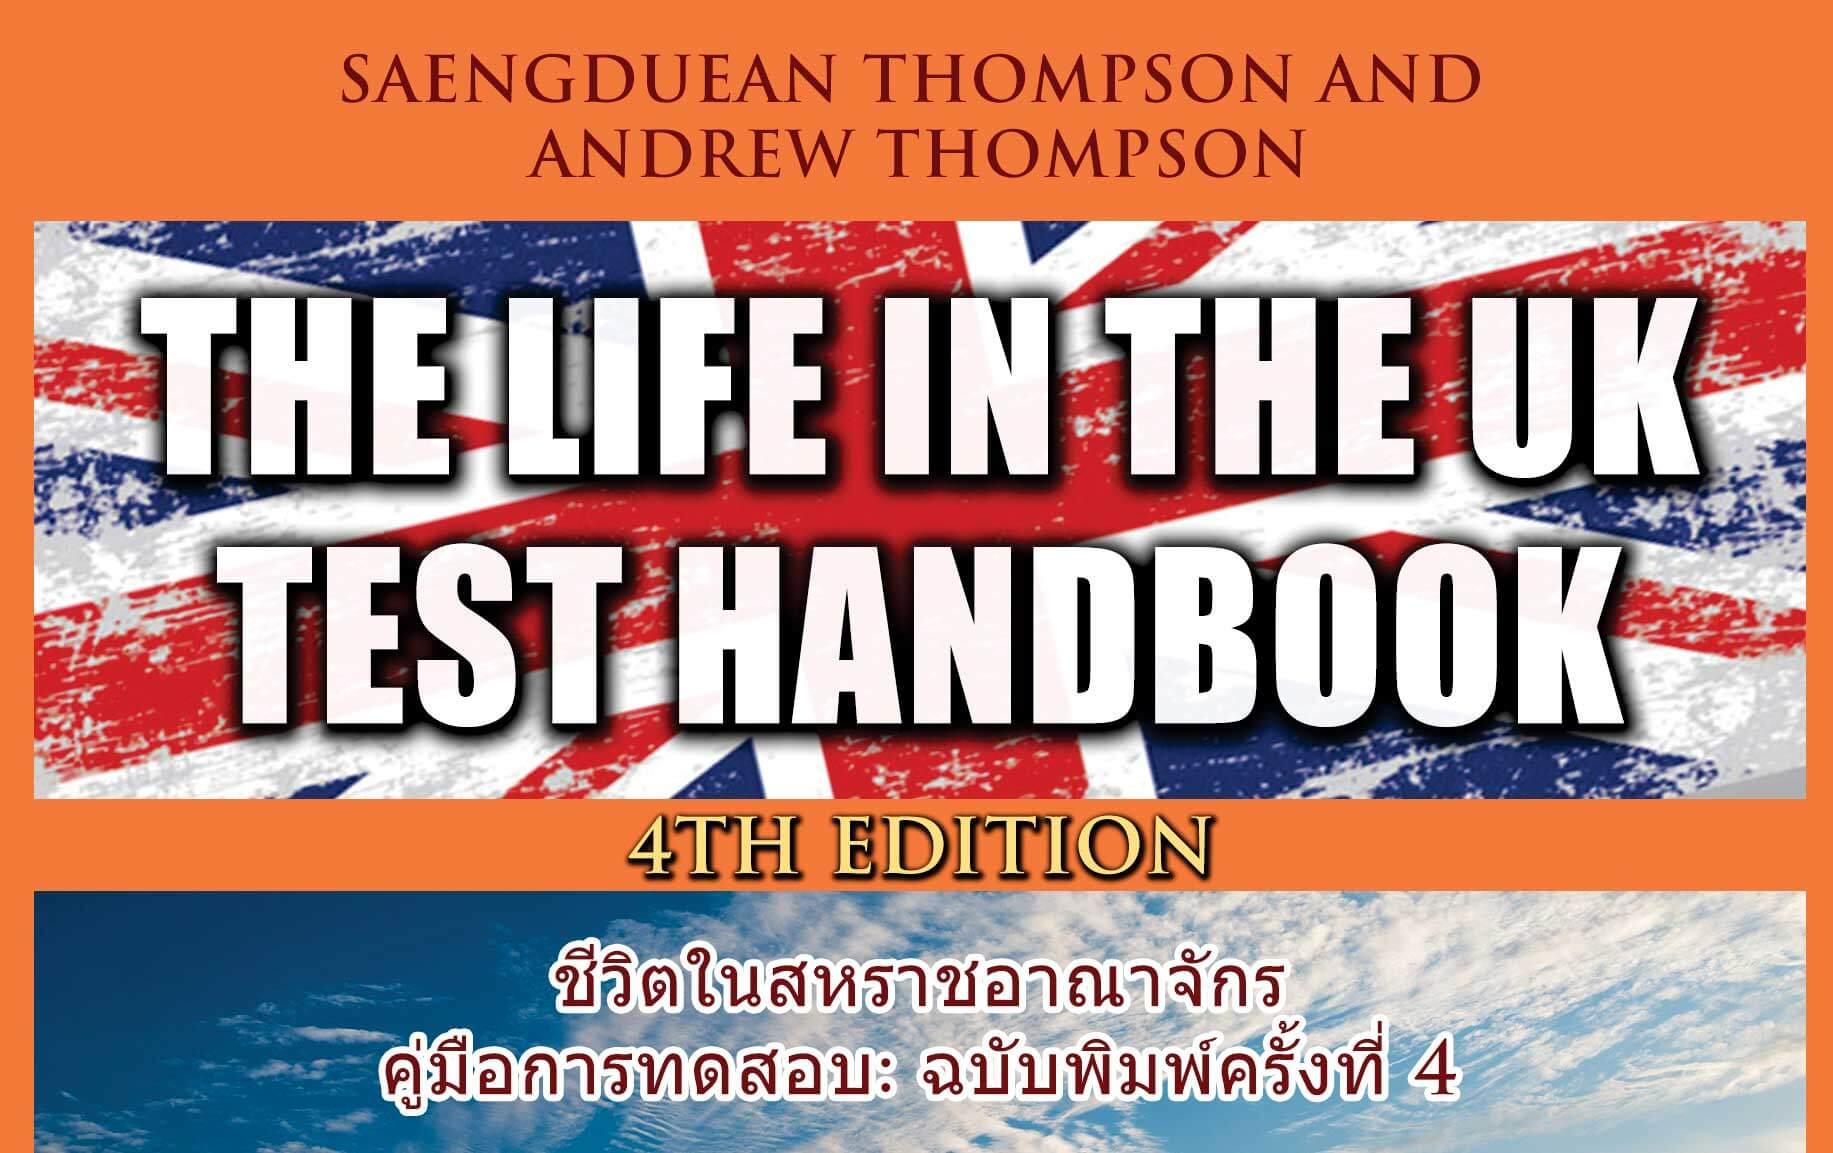 Thai handbook: 4th edition